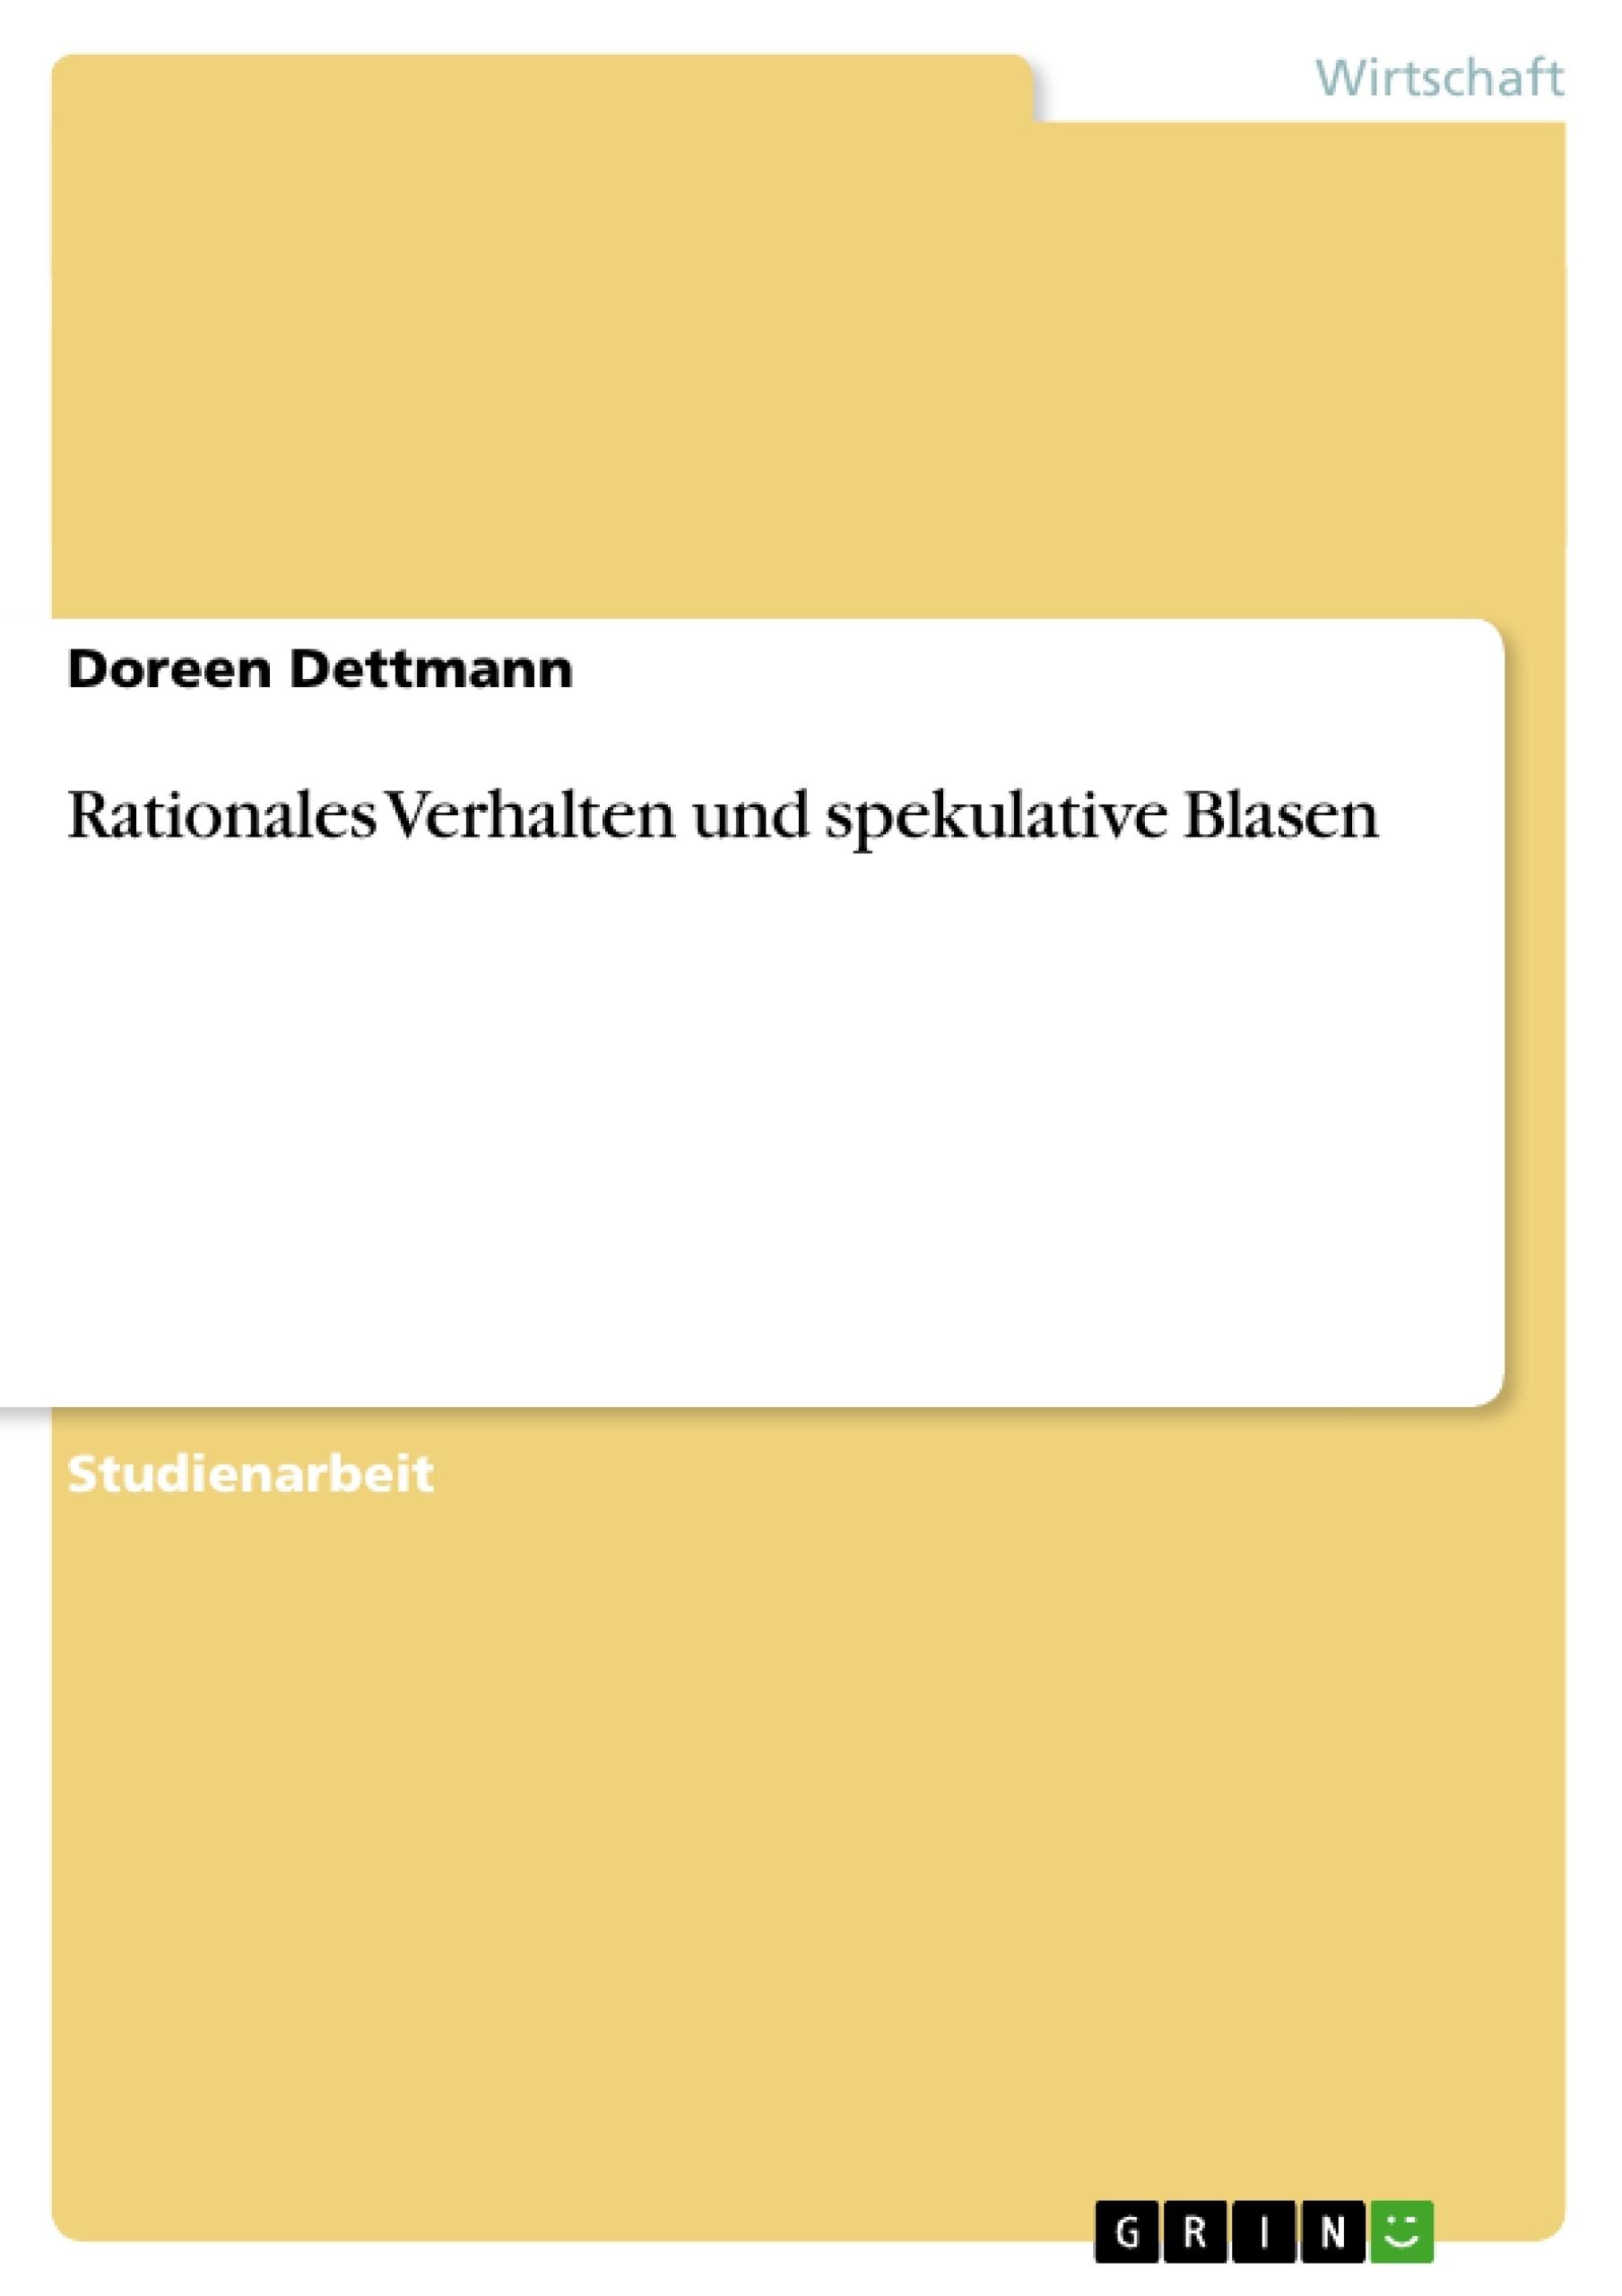 Titel: Rationales Verhalten und spekulative Blasen